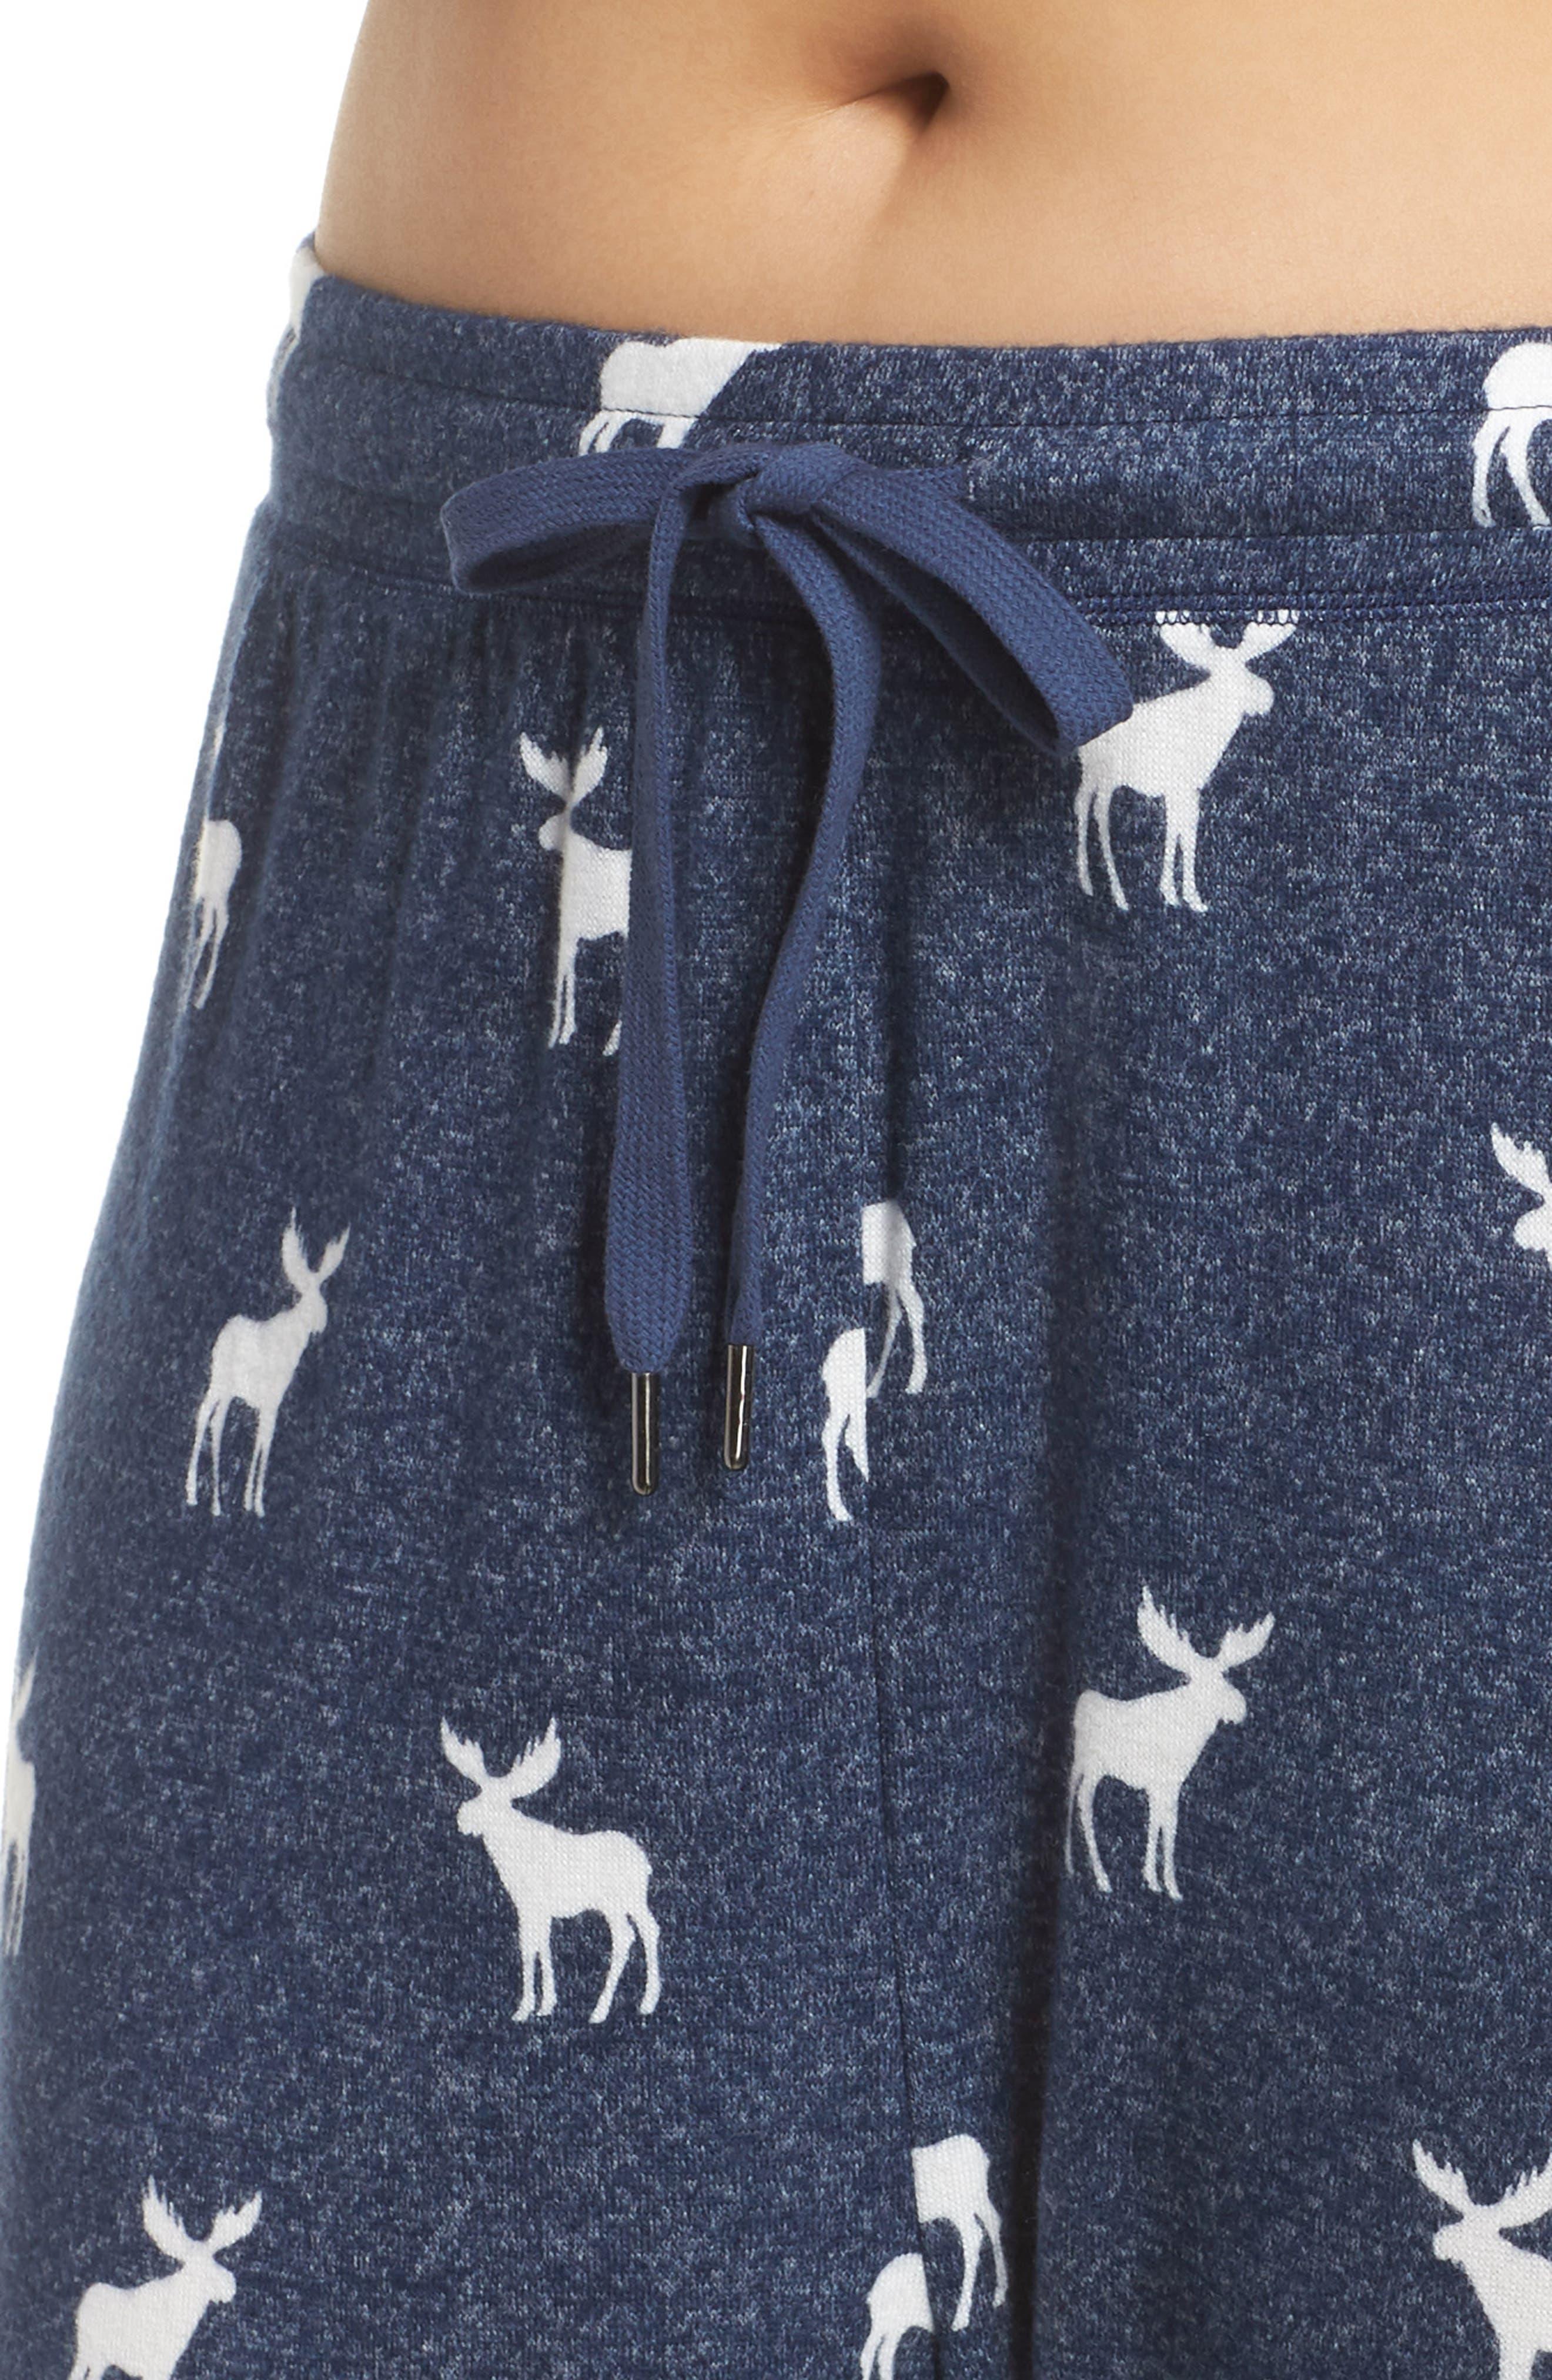 Moose Print Banded Pajama Pants,                             Alternate thumbnail 4, color,                             NAVY